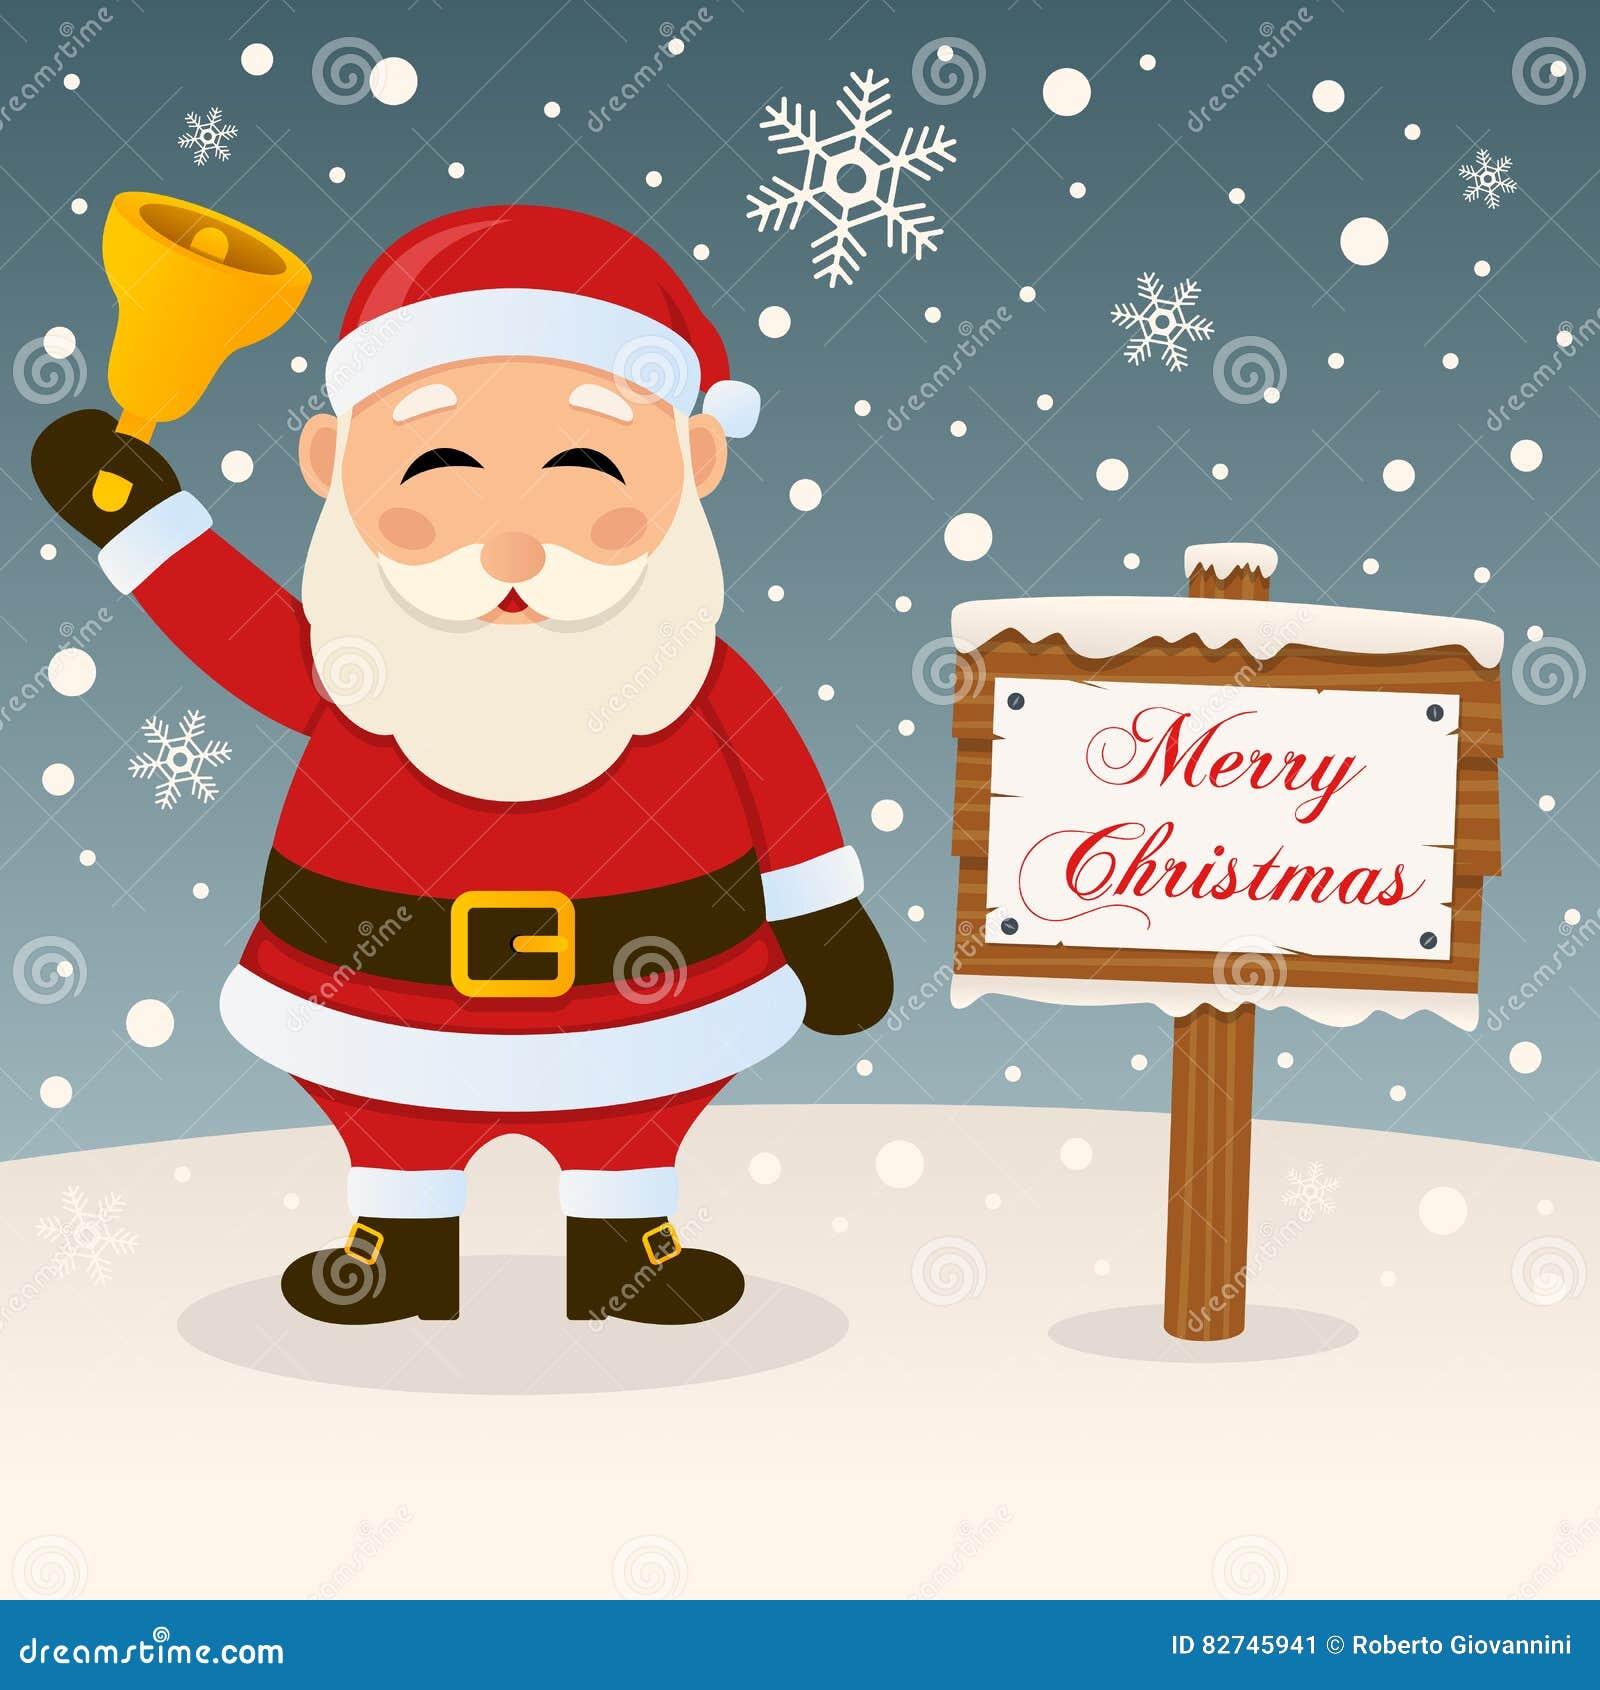 A Very Merry Christmas Sign Santa Claus Stock Vector